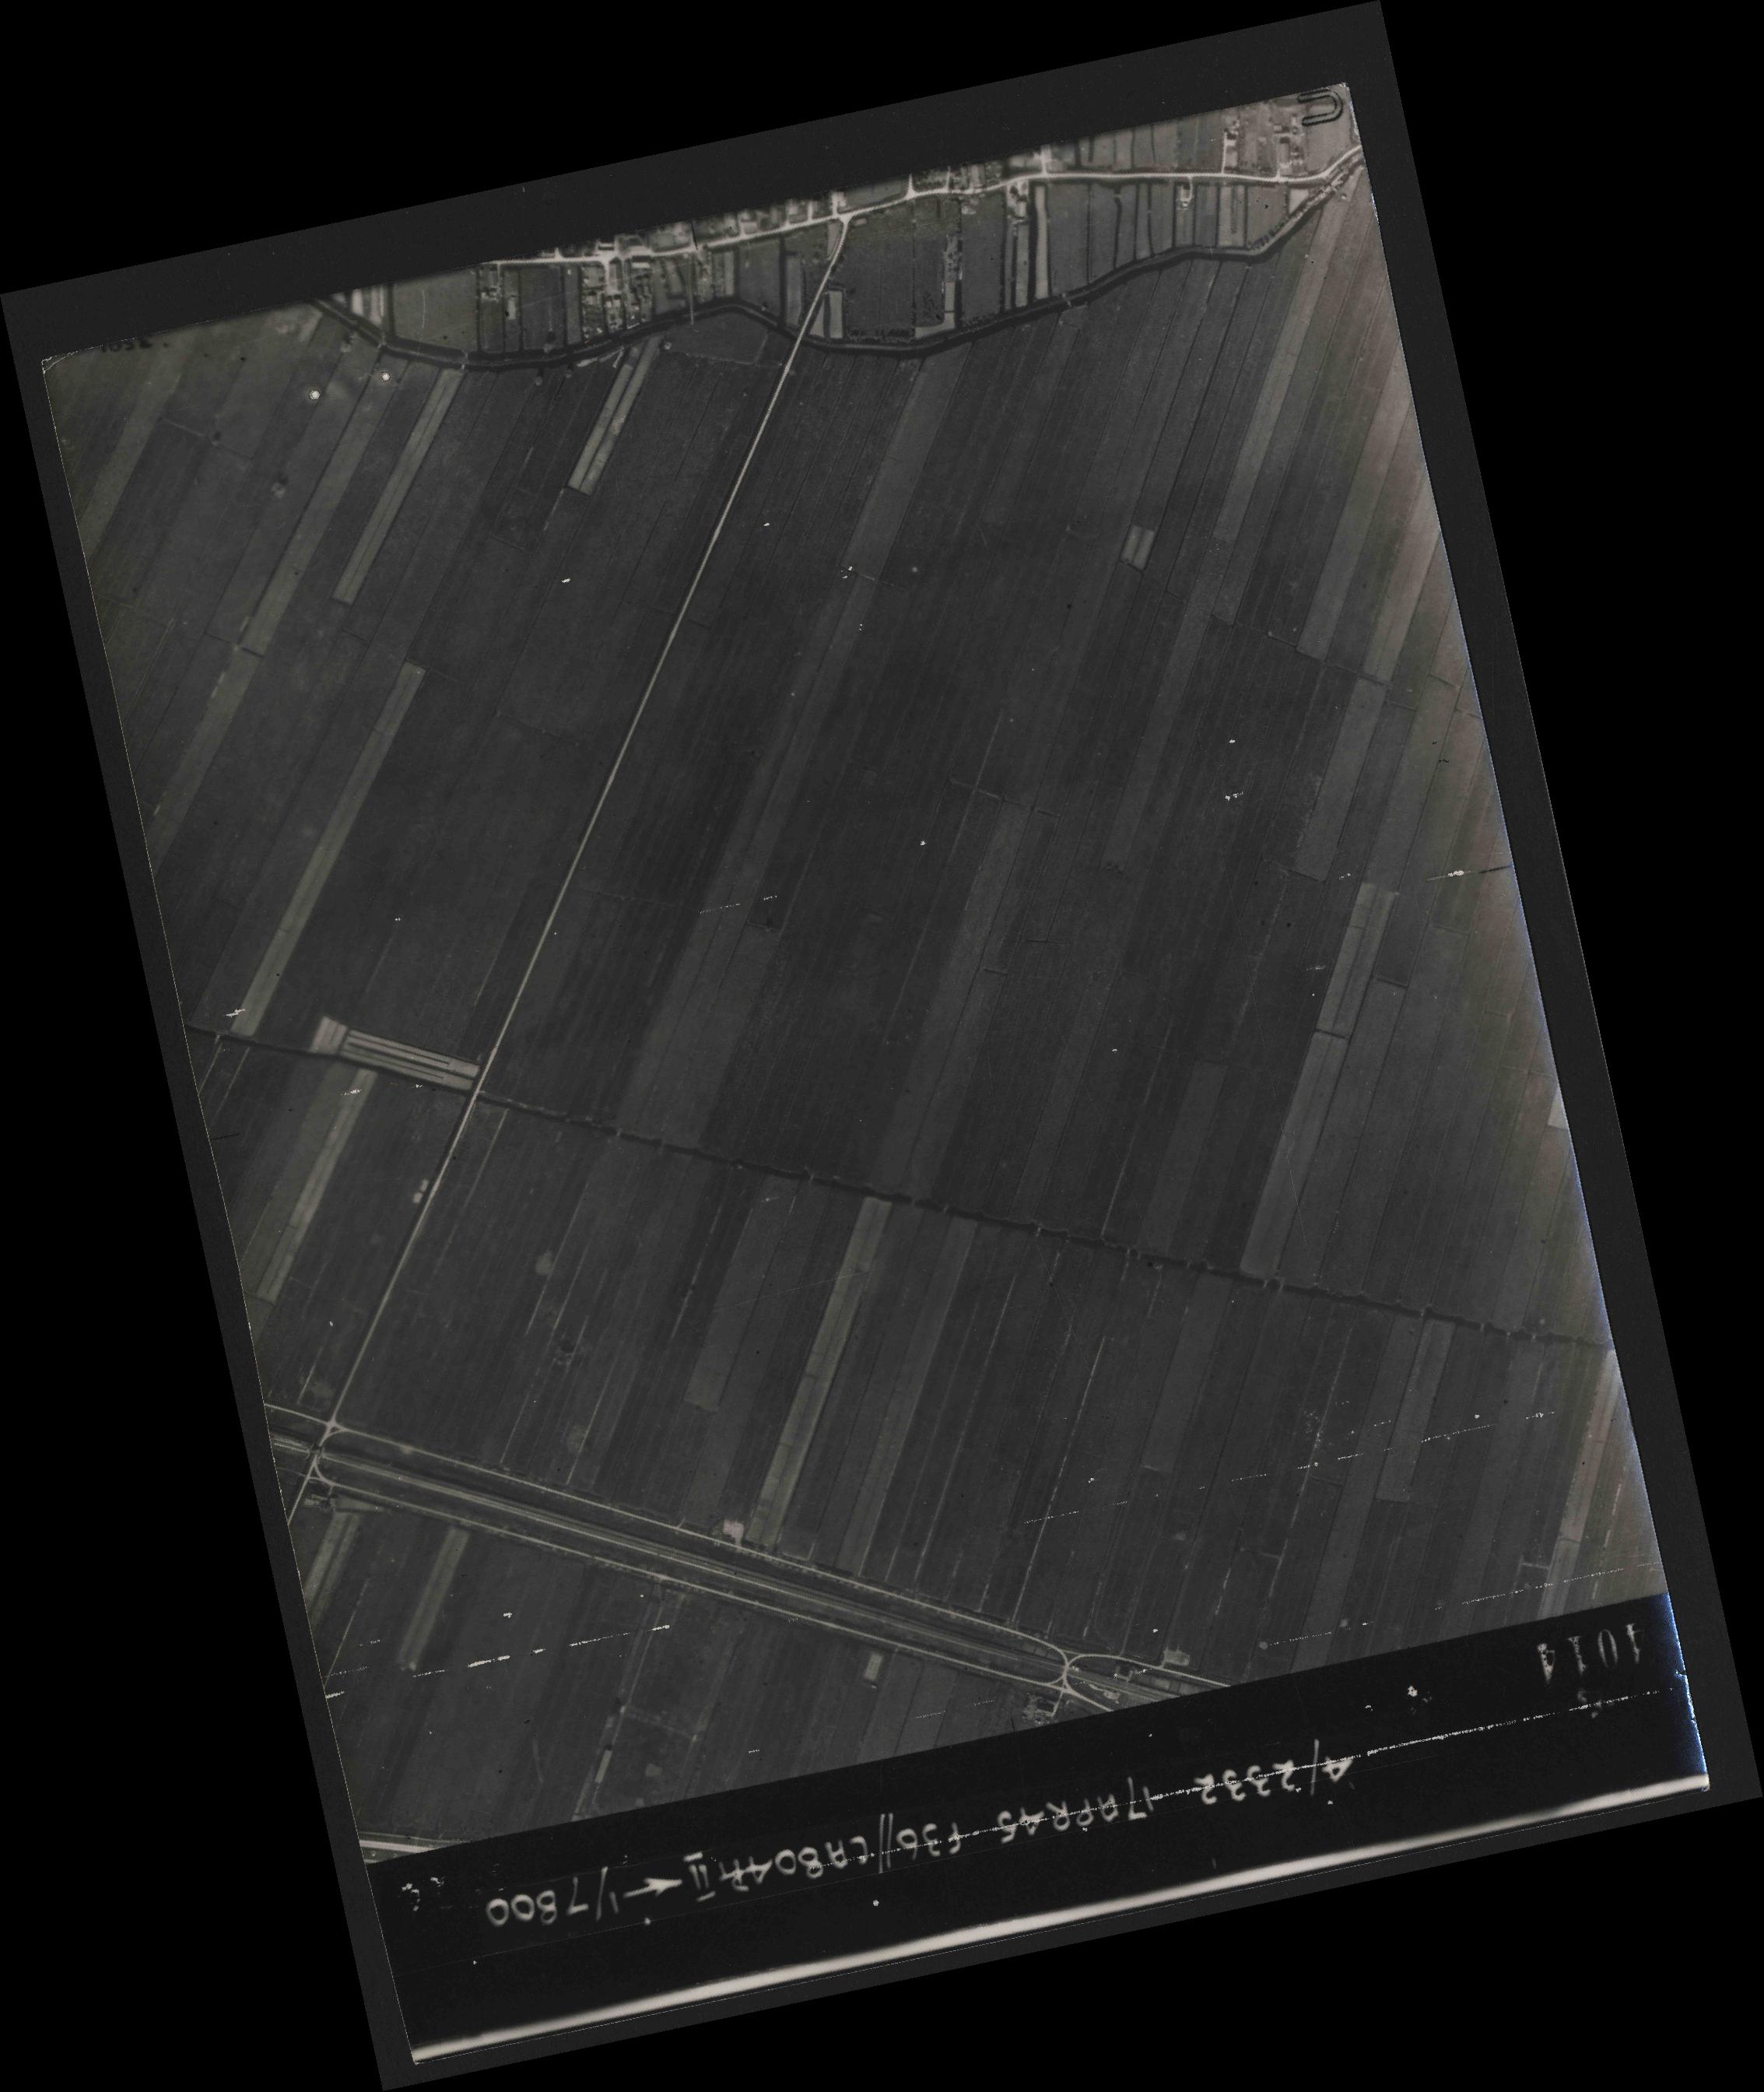 Collection RAF aerial photos 1940-1945 - flight 011, run 03, photo 4014